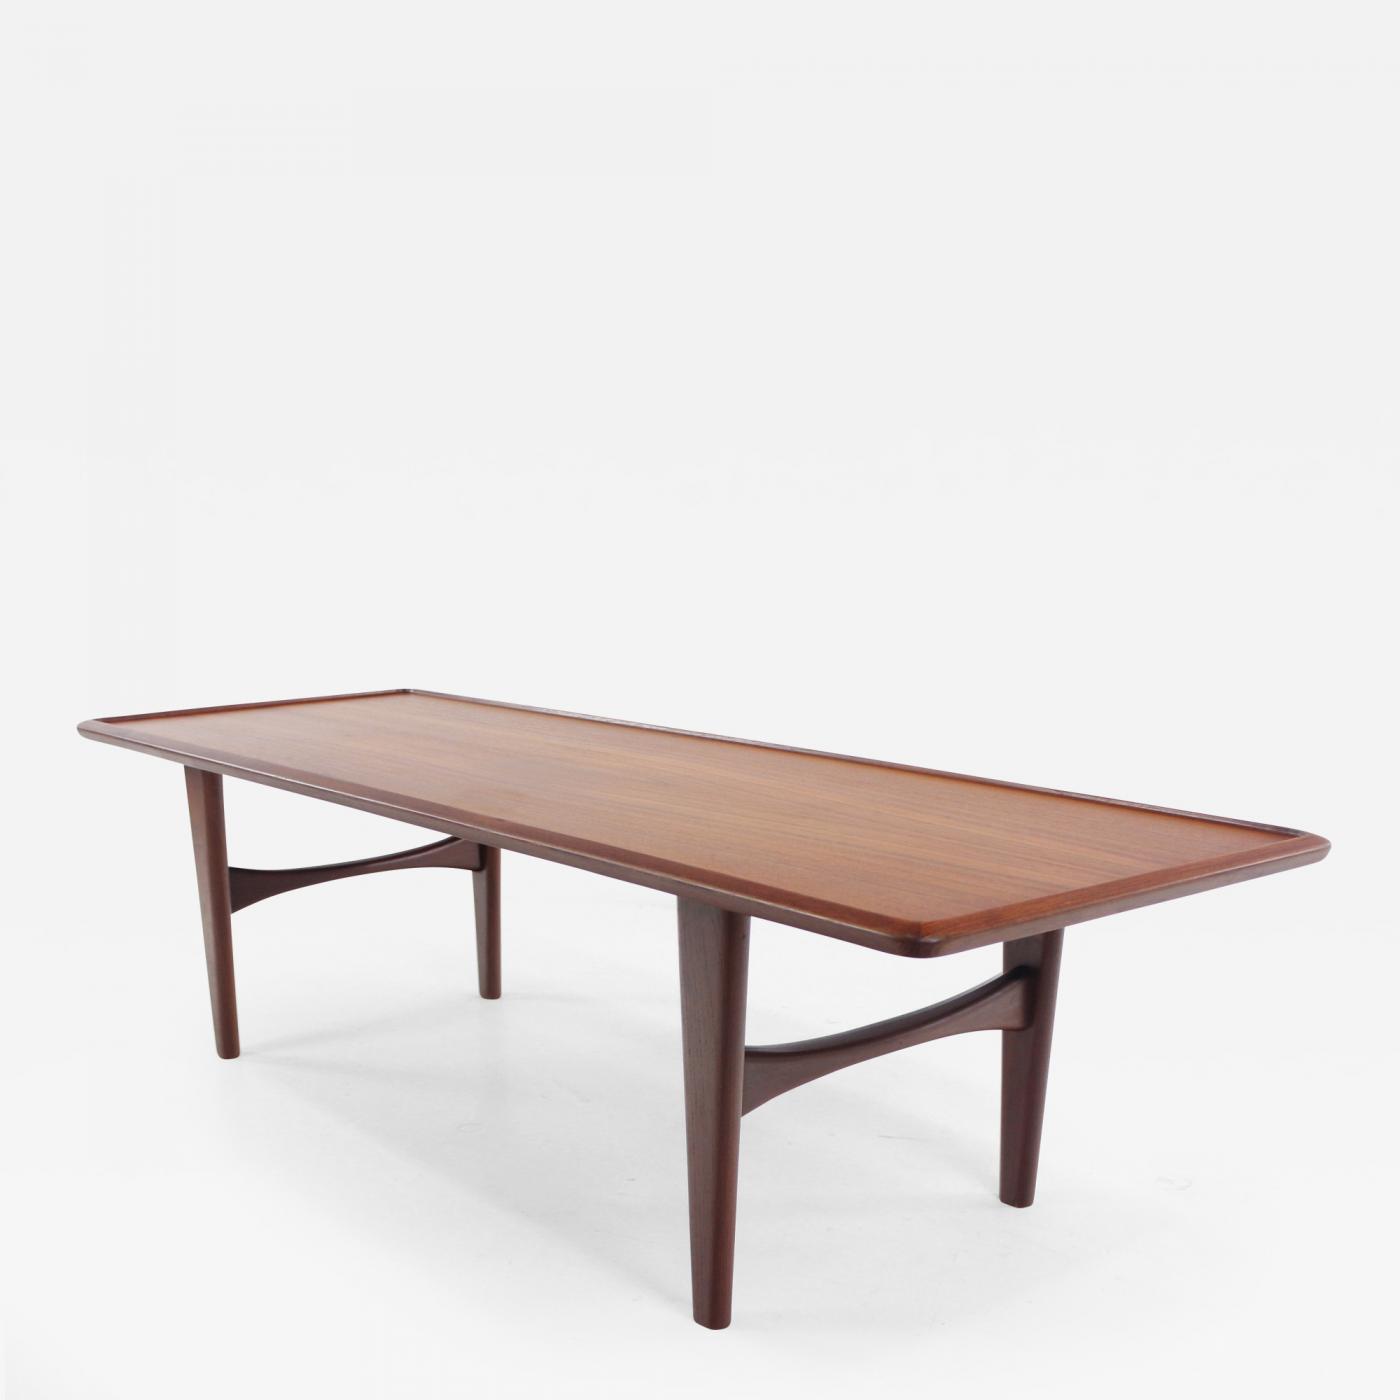 Danish Teak Side Table.Illum Wikkelso Rare Danish Modern Teak Coffee Table Designed By Illum Wikkelso